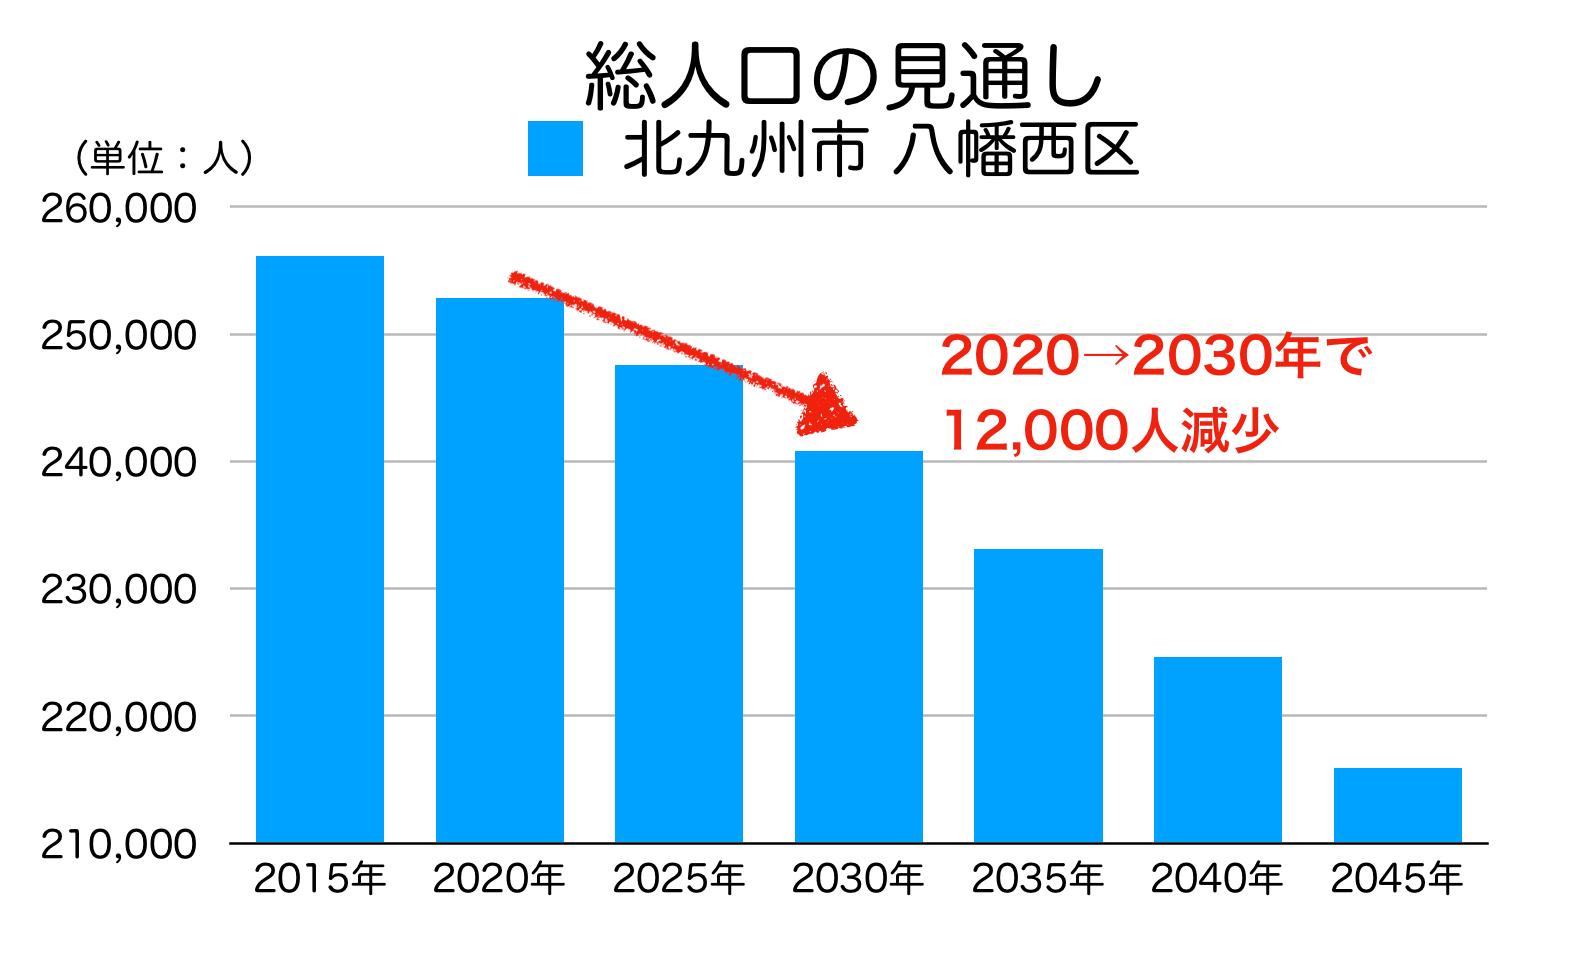 北九州市八幡西区の人口予測